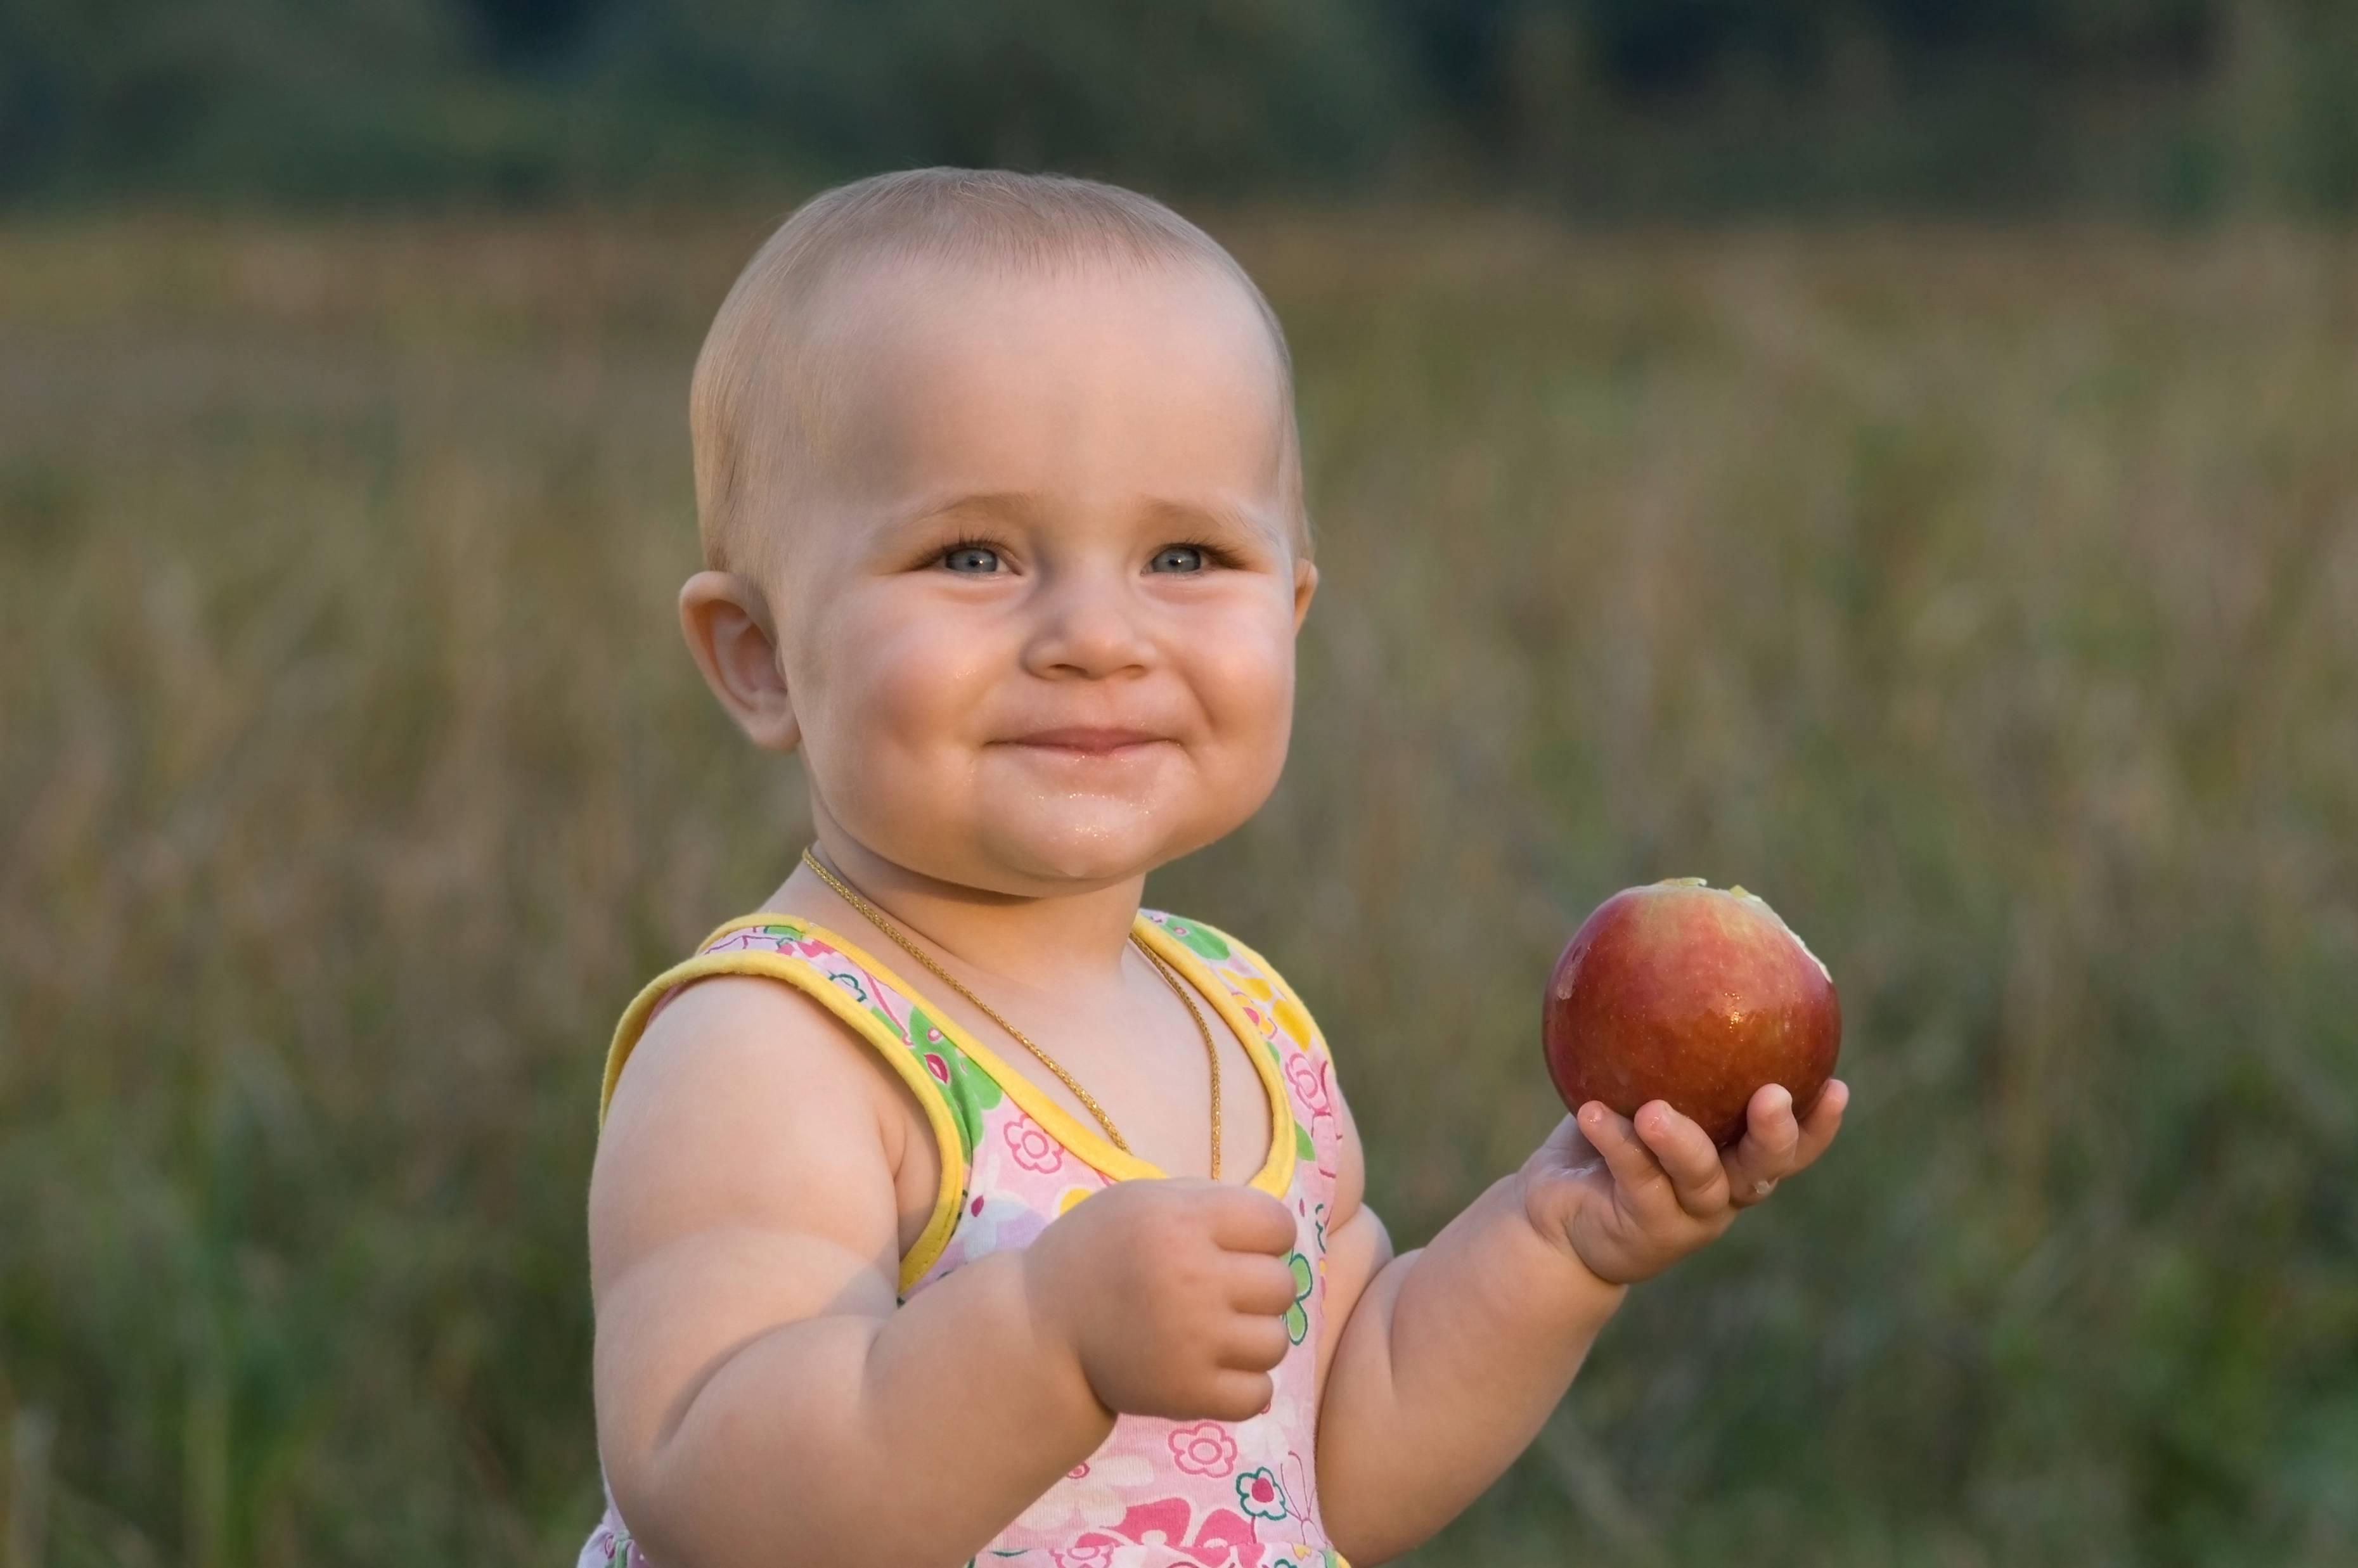 Bambina su un prato mostra i suoi primi denti con mela in mano